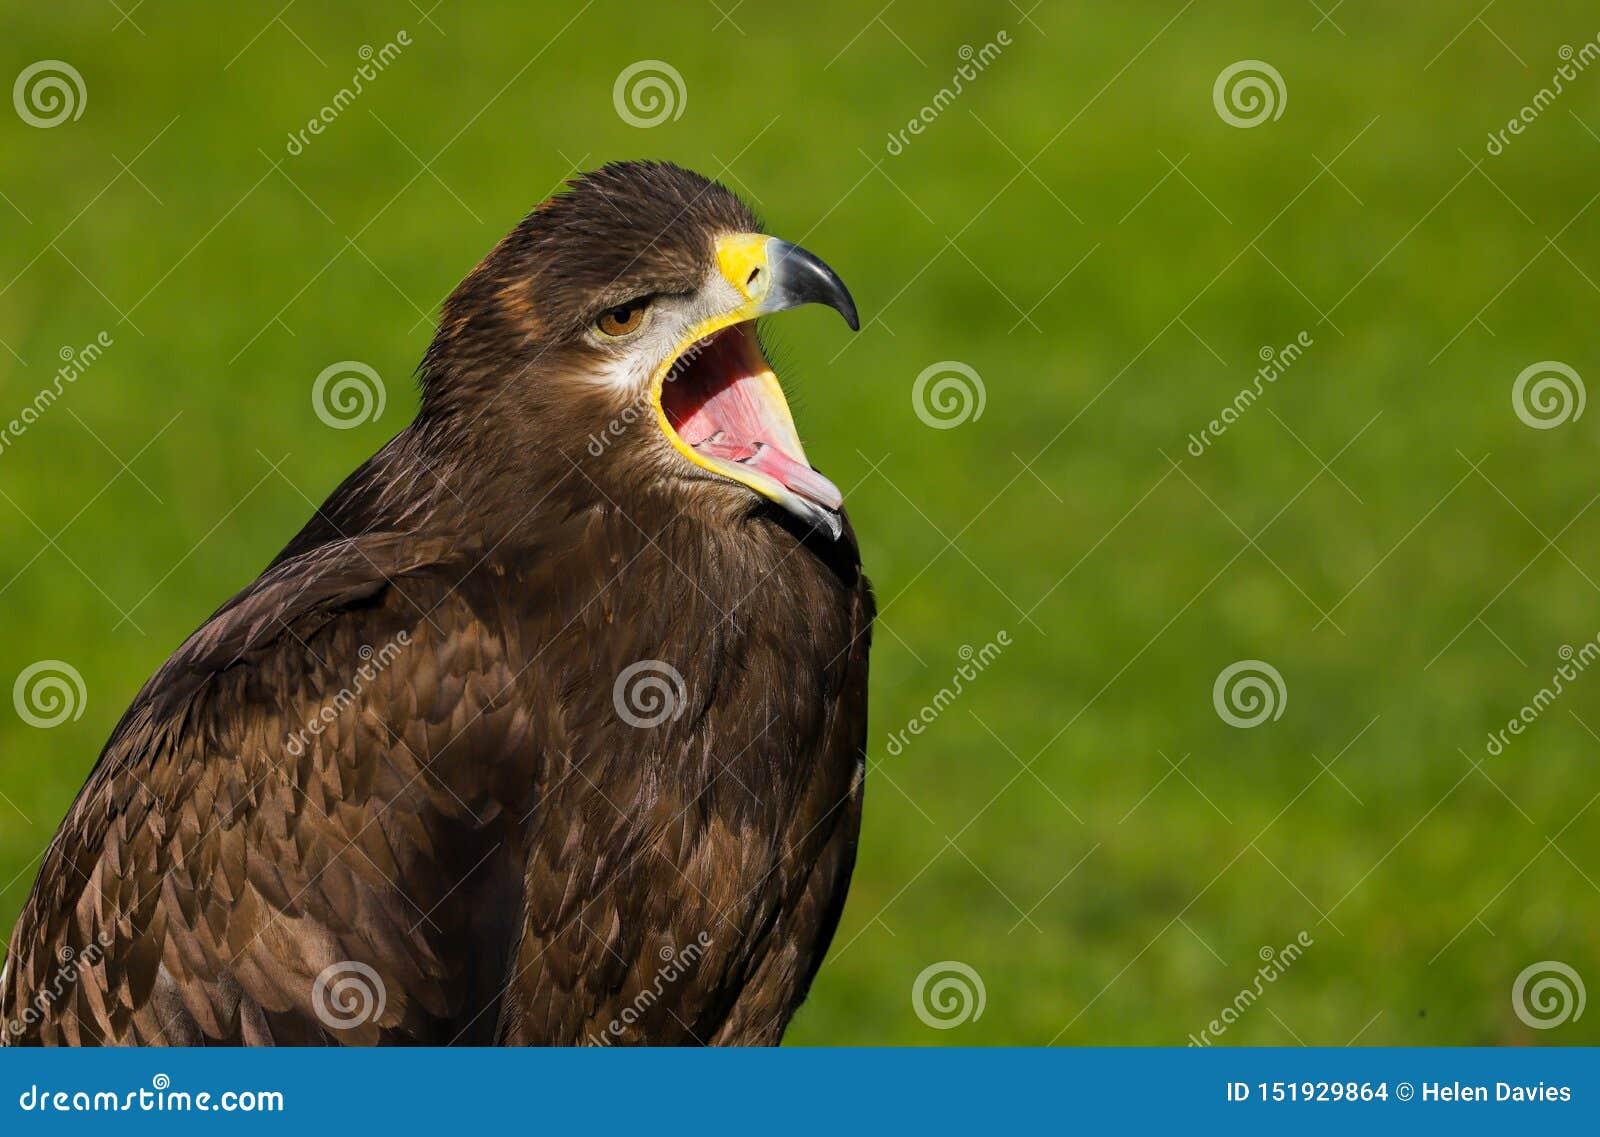 Stepowy Eagle Aquila nipalensis ptak zdobycz